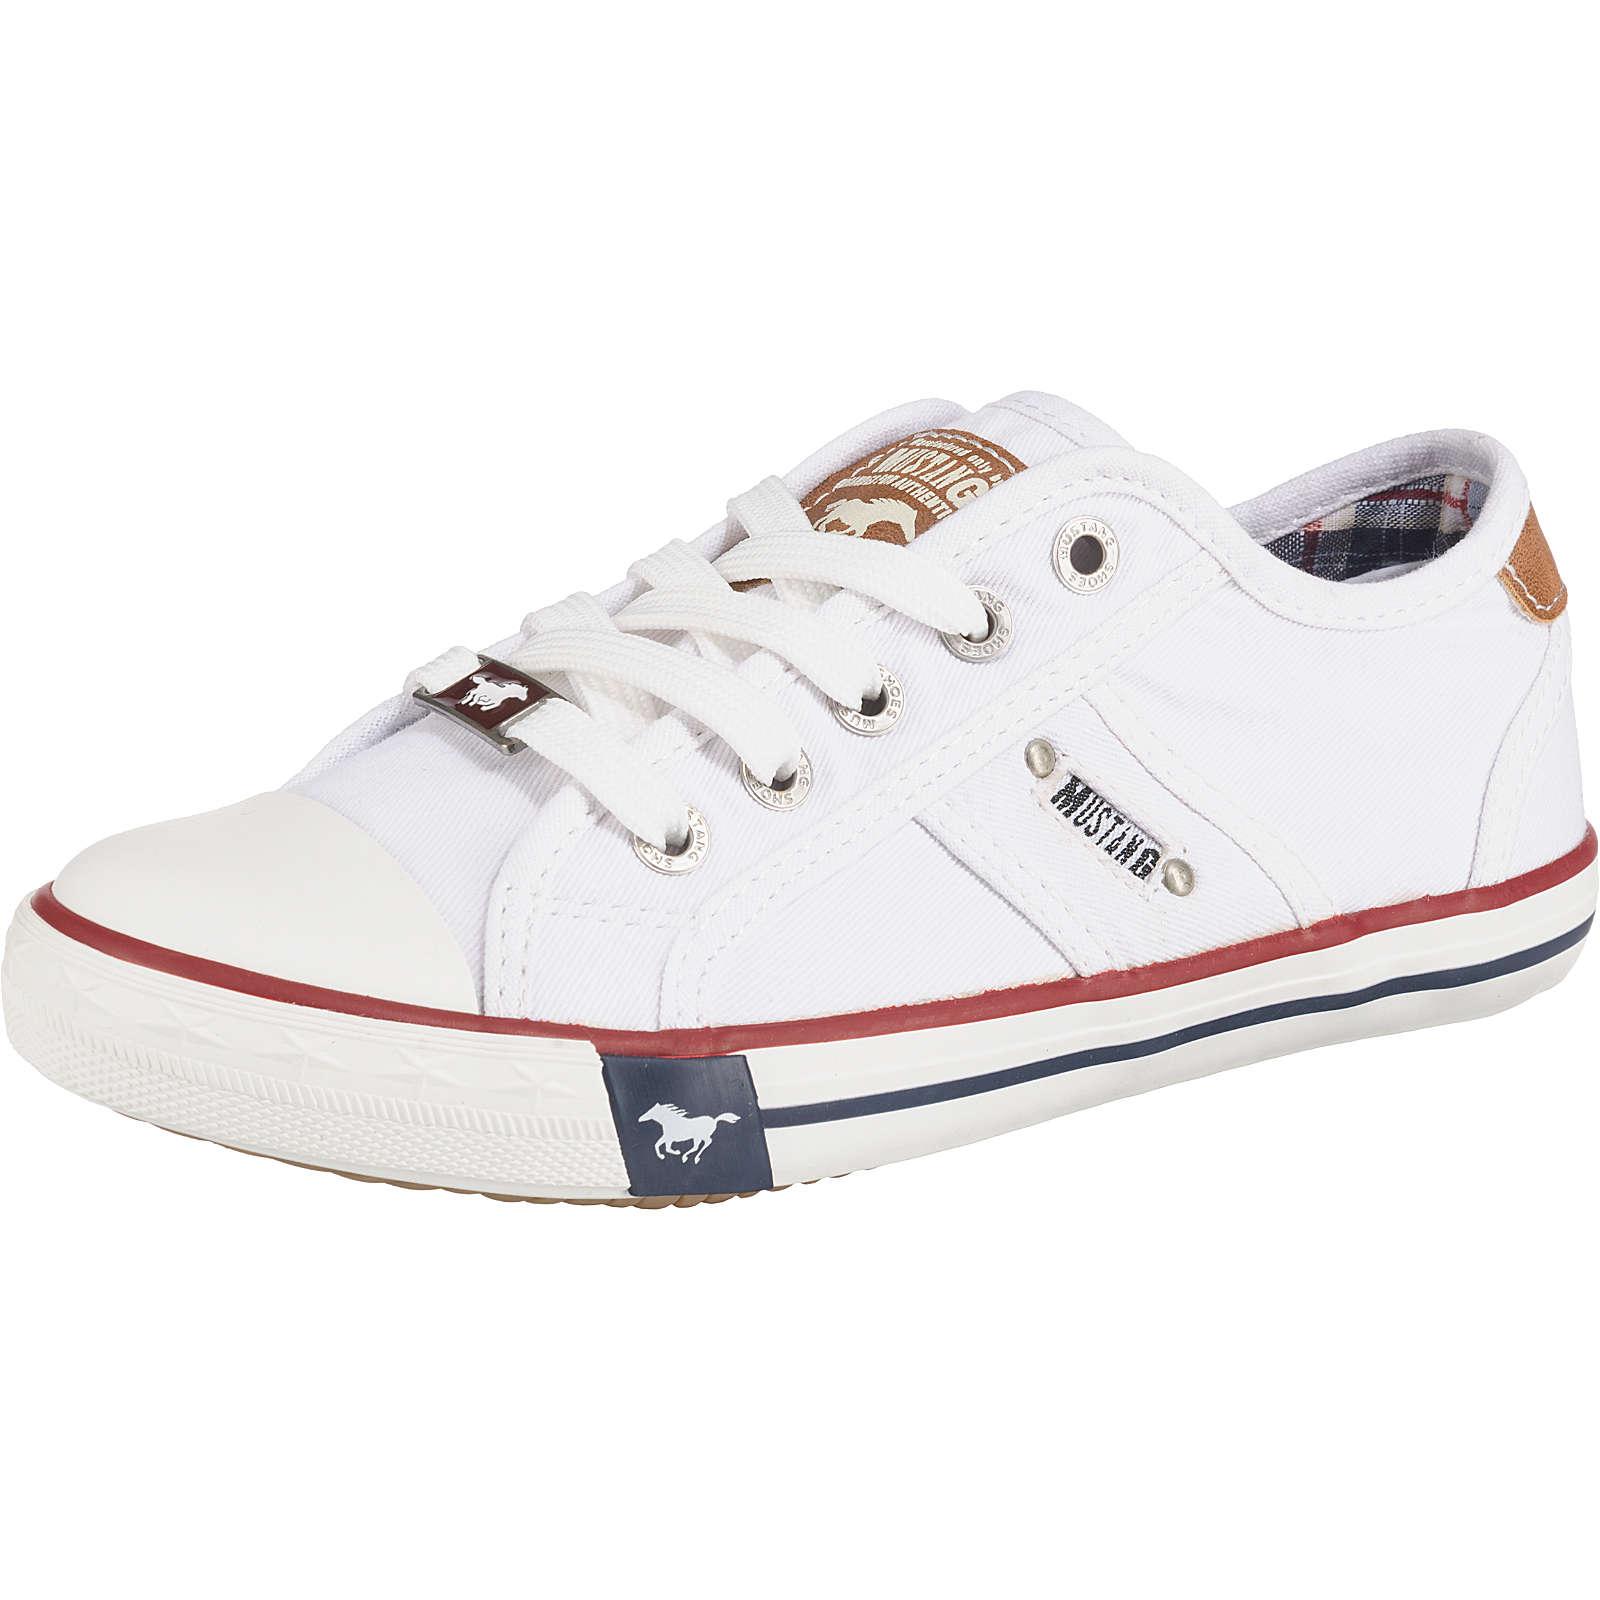 MUSTANG Kinder Sneakers Low weiß Gr. 35